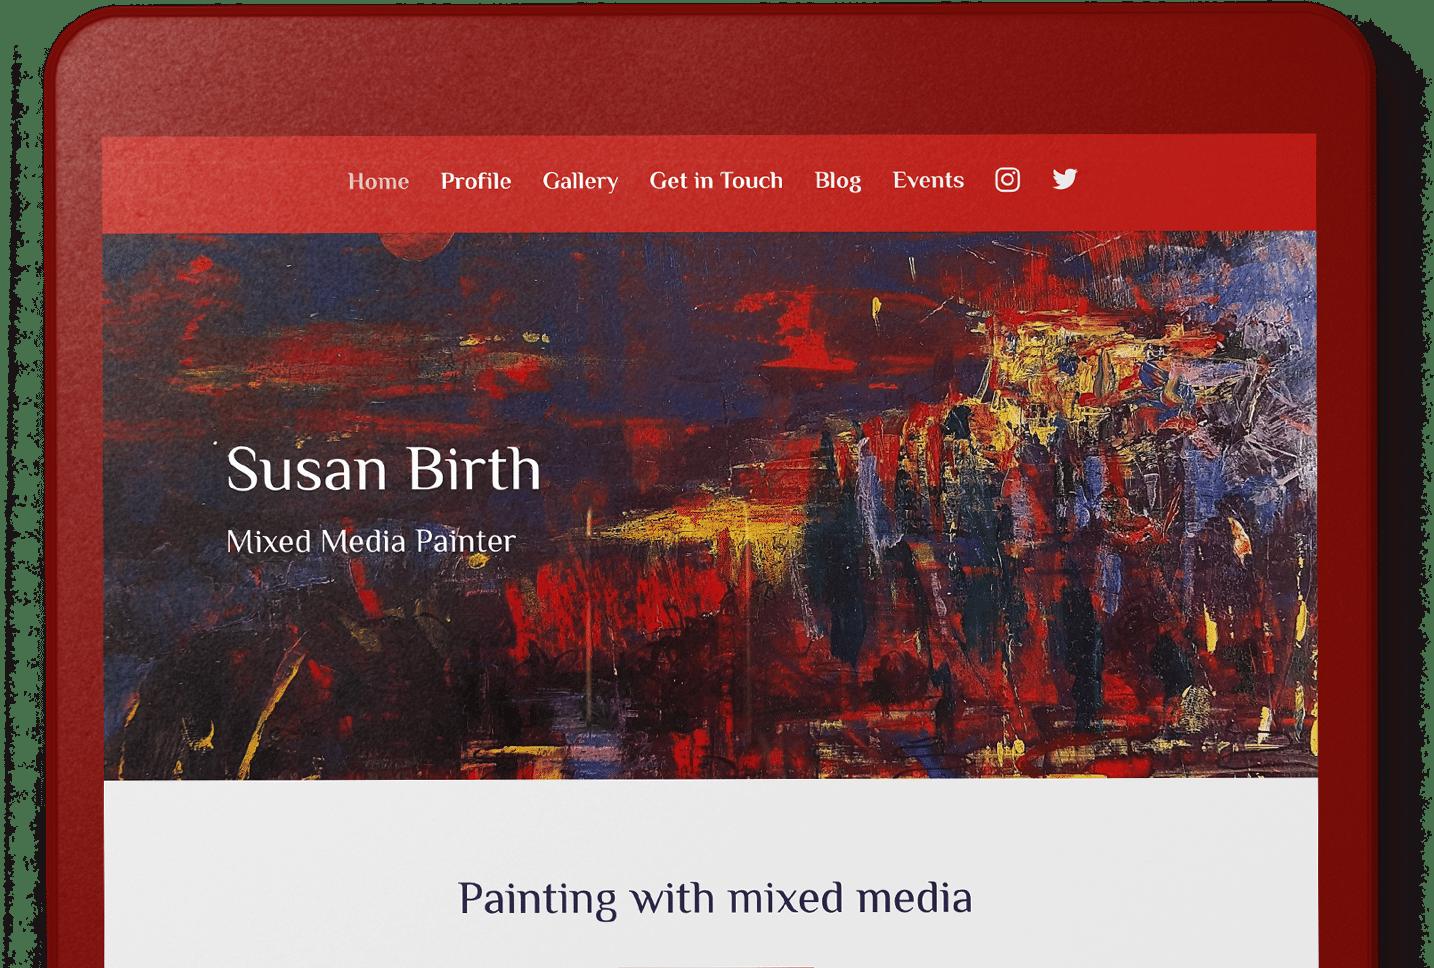 susan-birth-ipad-graphic-slider-1-dark-red